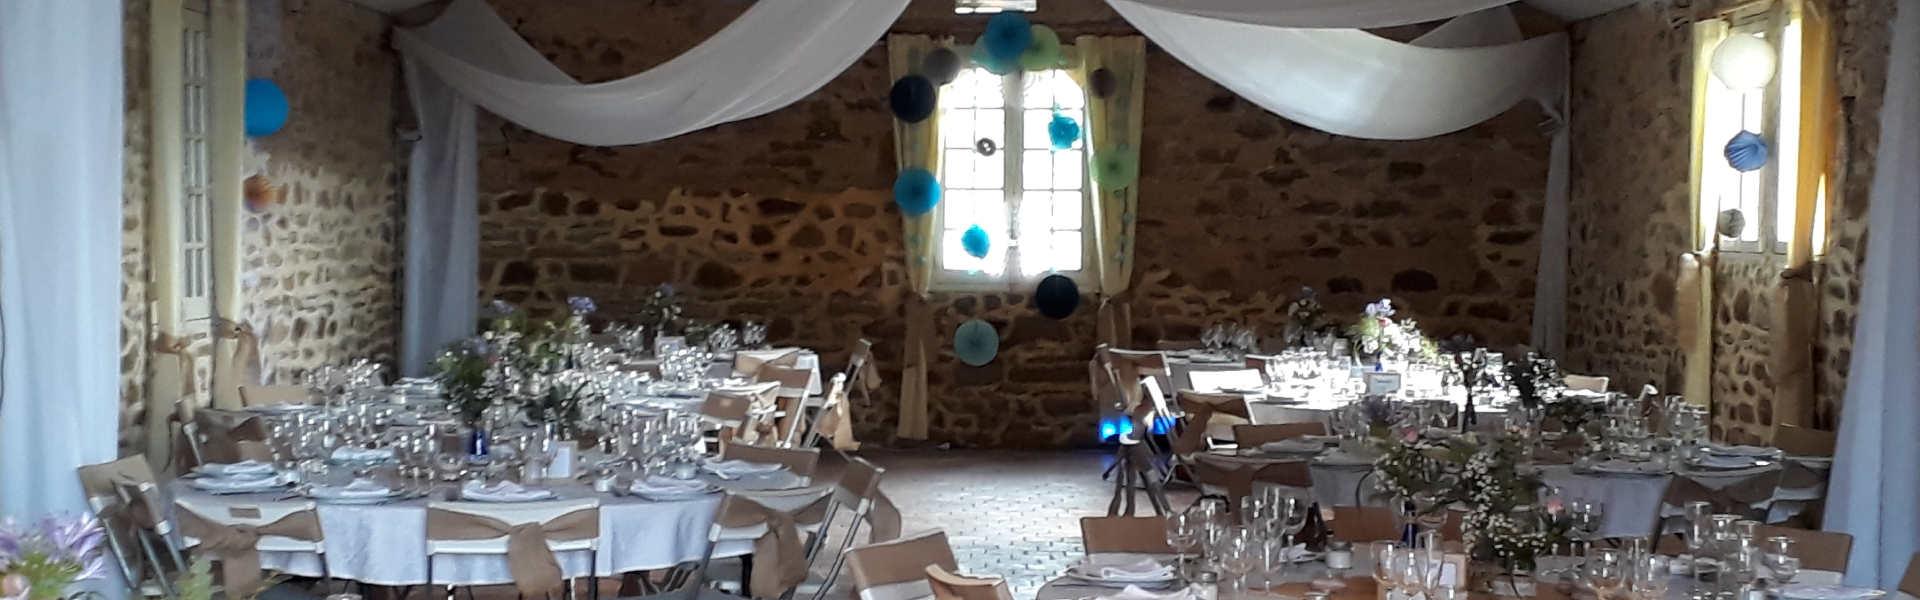 Mariage champêtre au Chateau Vauban de Bazoche